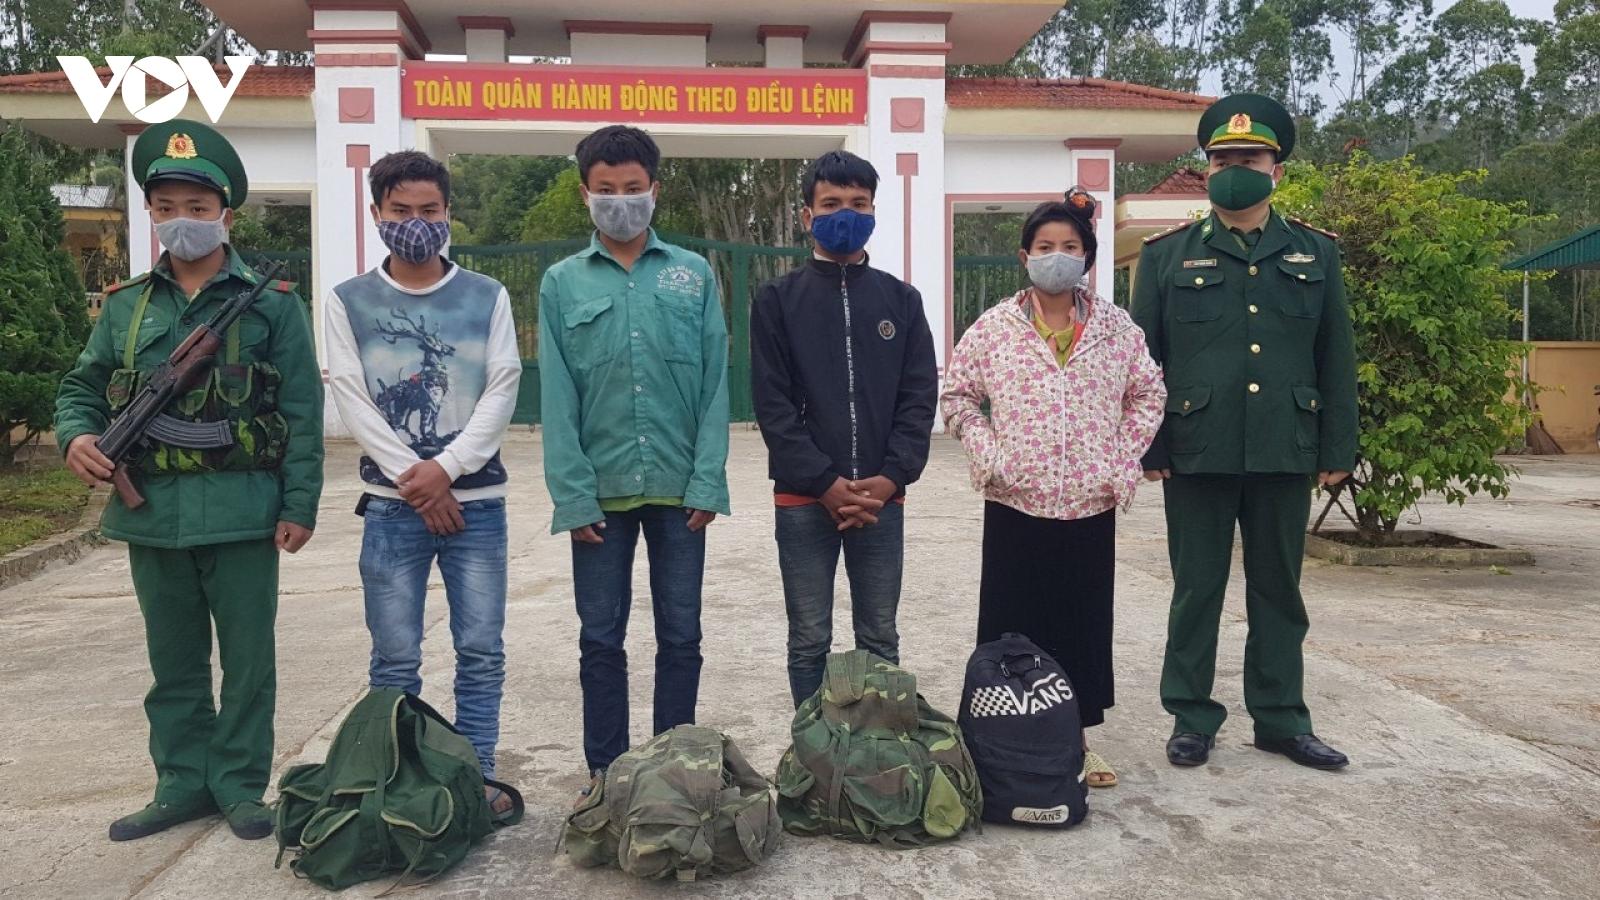 Điện Biên bắt giữ 4 đối tượng người Lào vượt biên trái phép